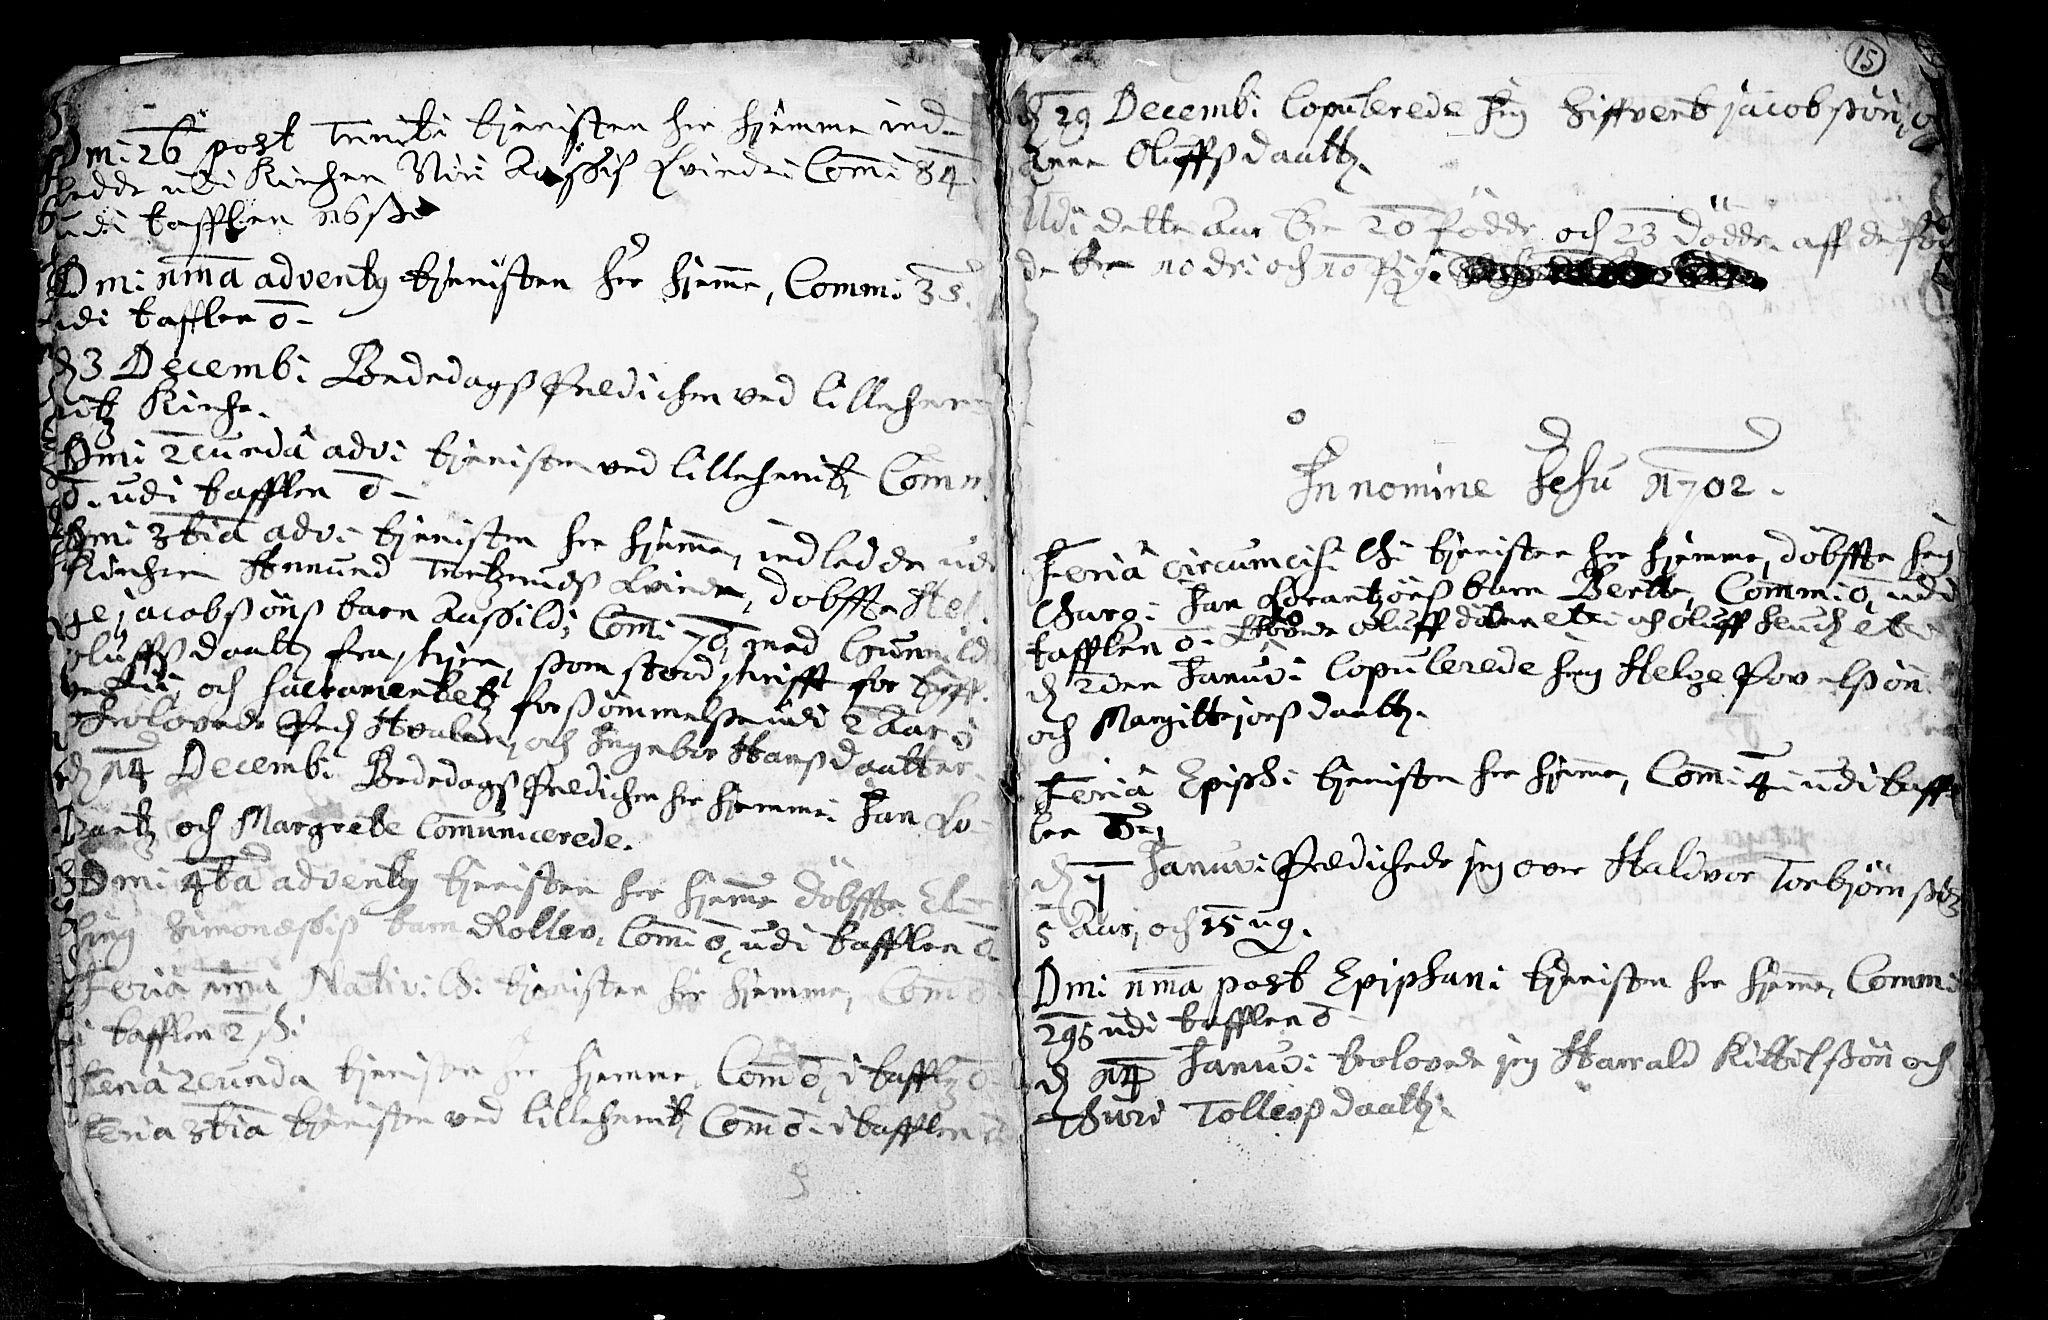 SAKO, Heddal kirkebøker, F/Fa/L0002: Ministerialbok nr. I 2, 1699-1722, s. 15